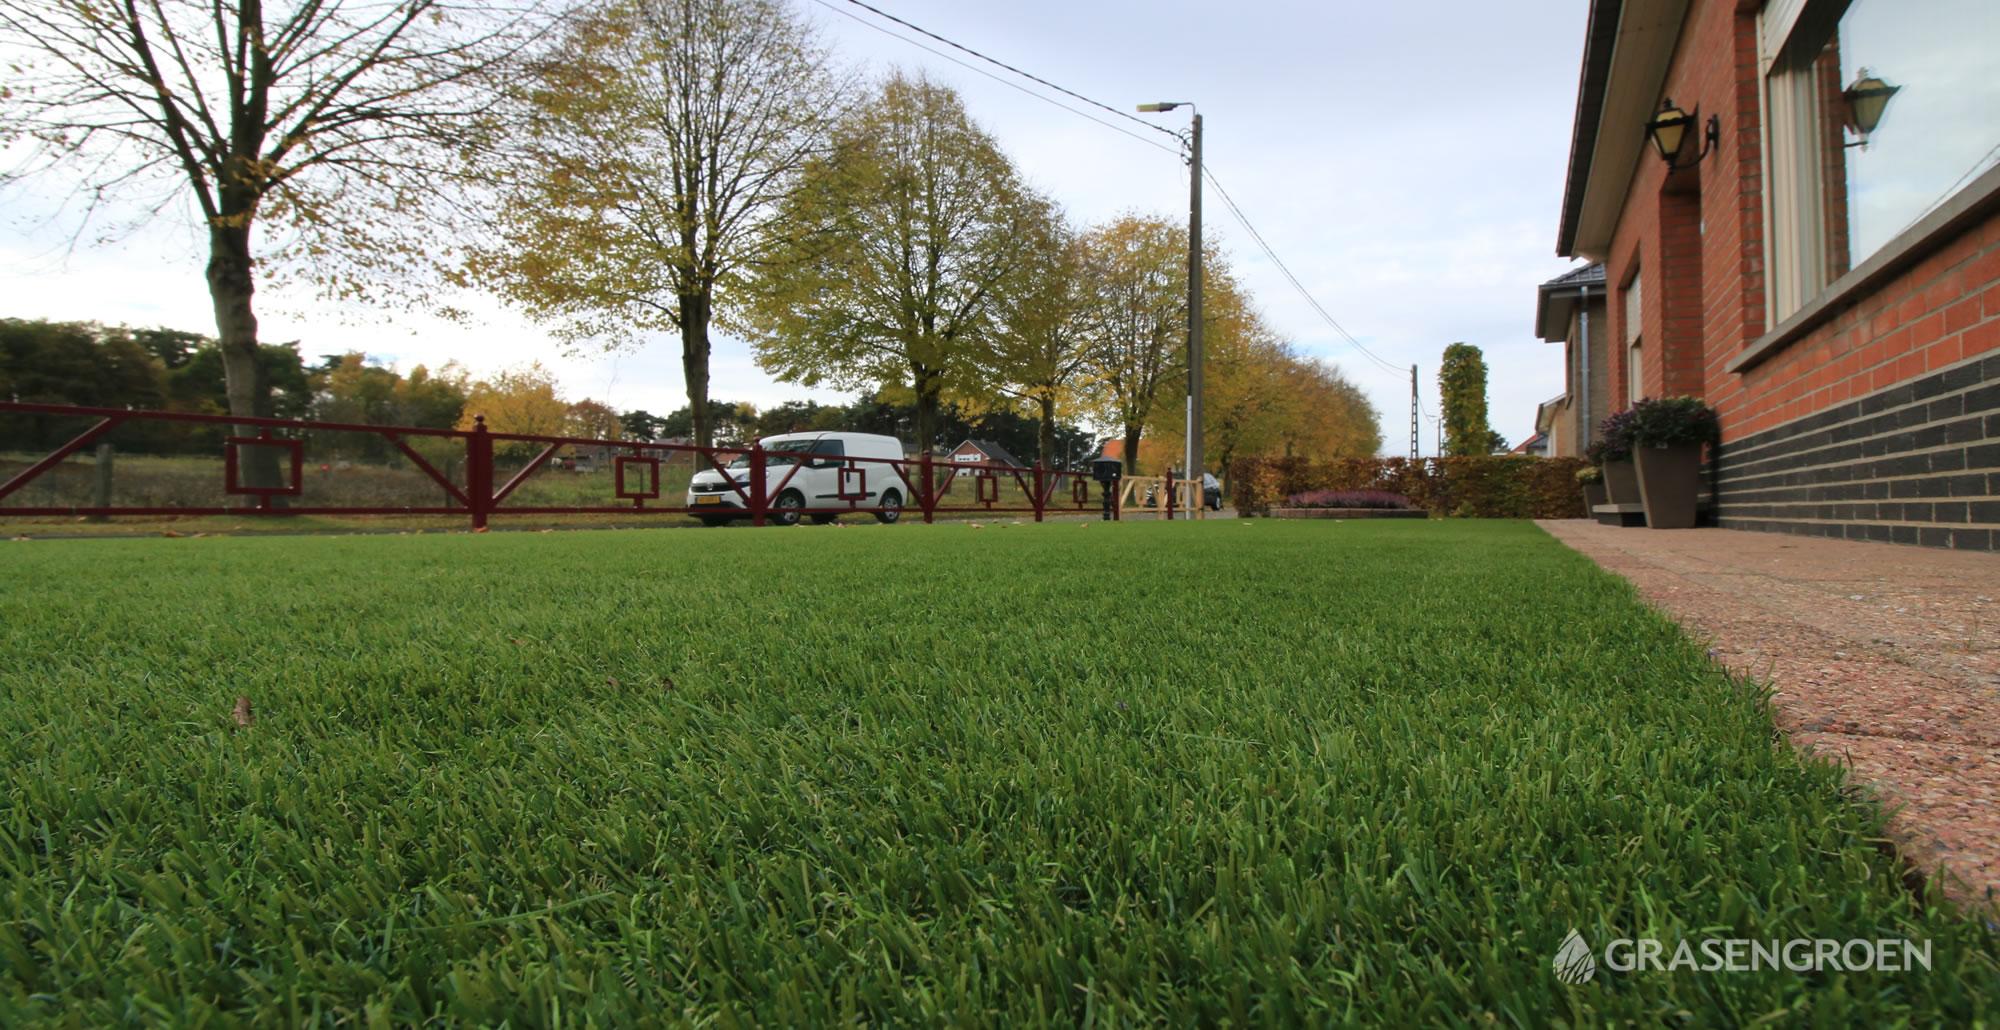 Kunstgrasleggensintjorisweert12 • Gras en Groen Kunstgras